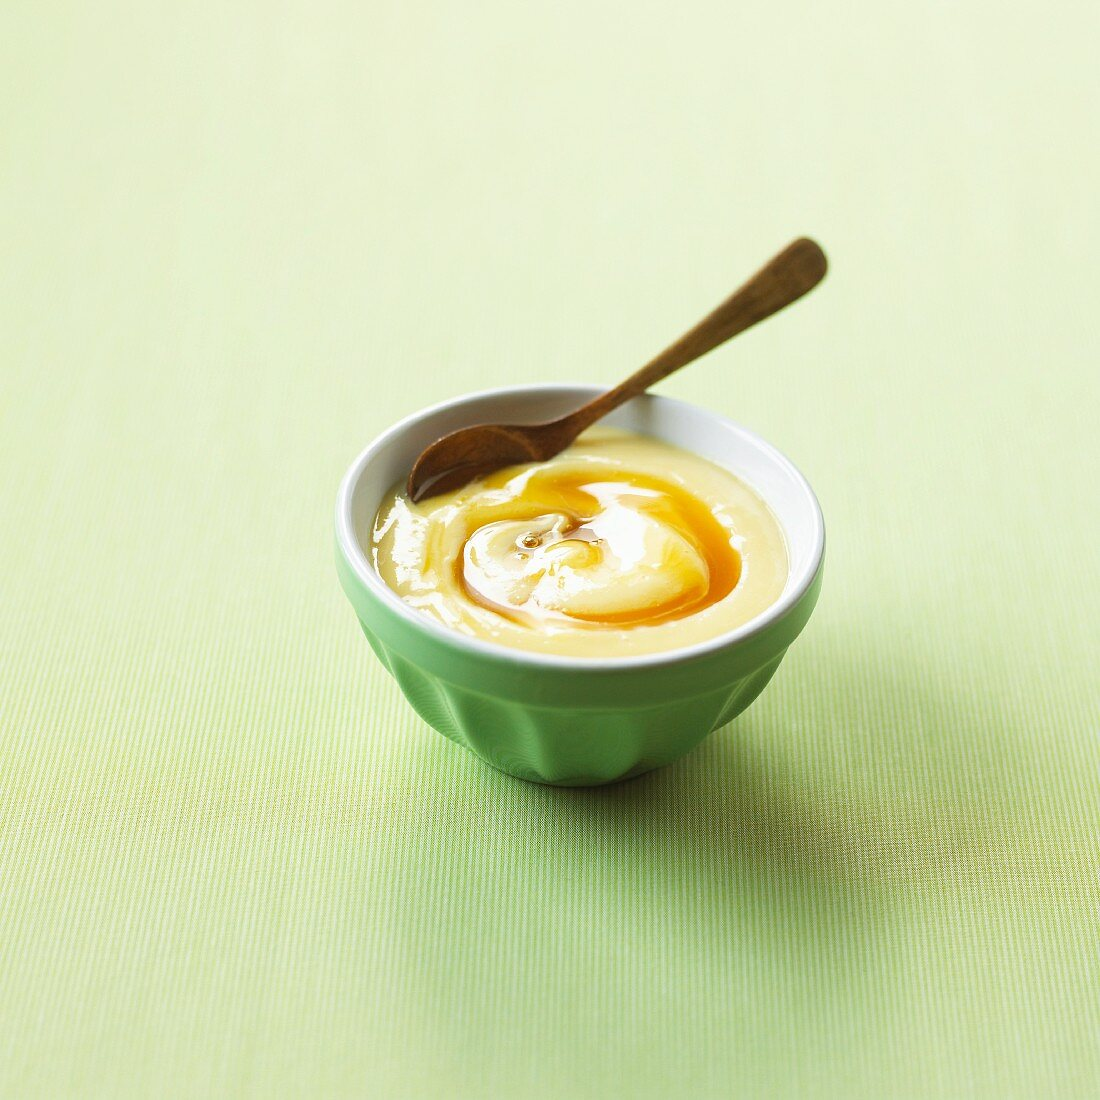 A bowl of custard with caramel sauce